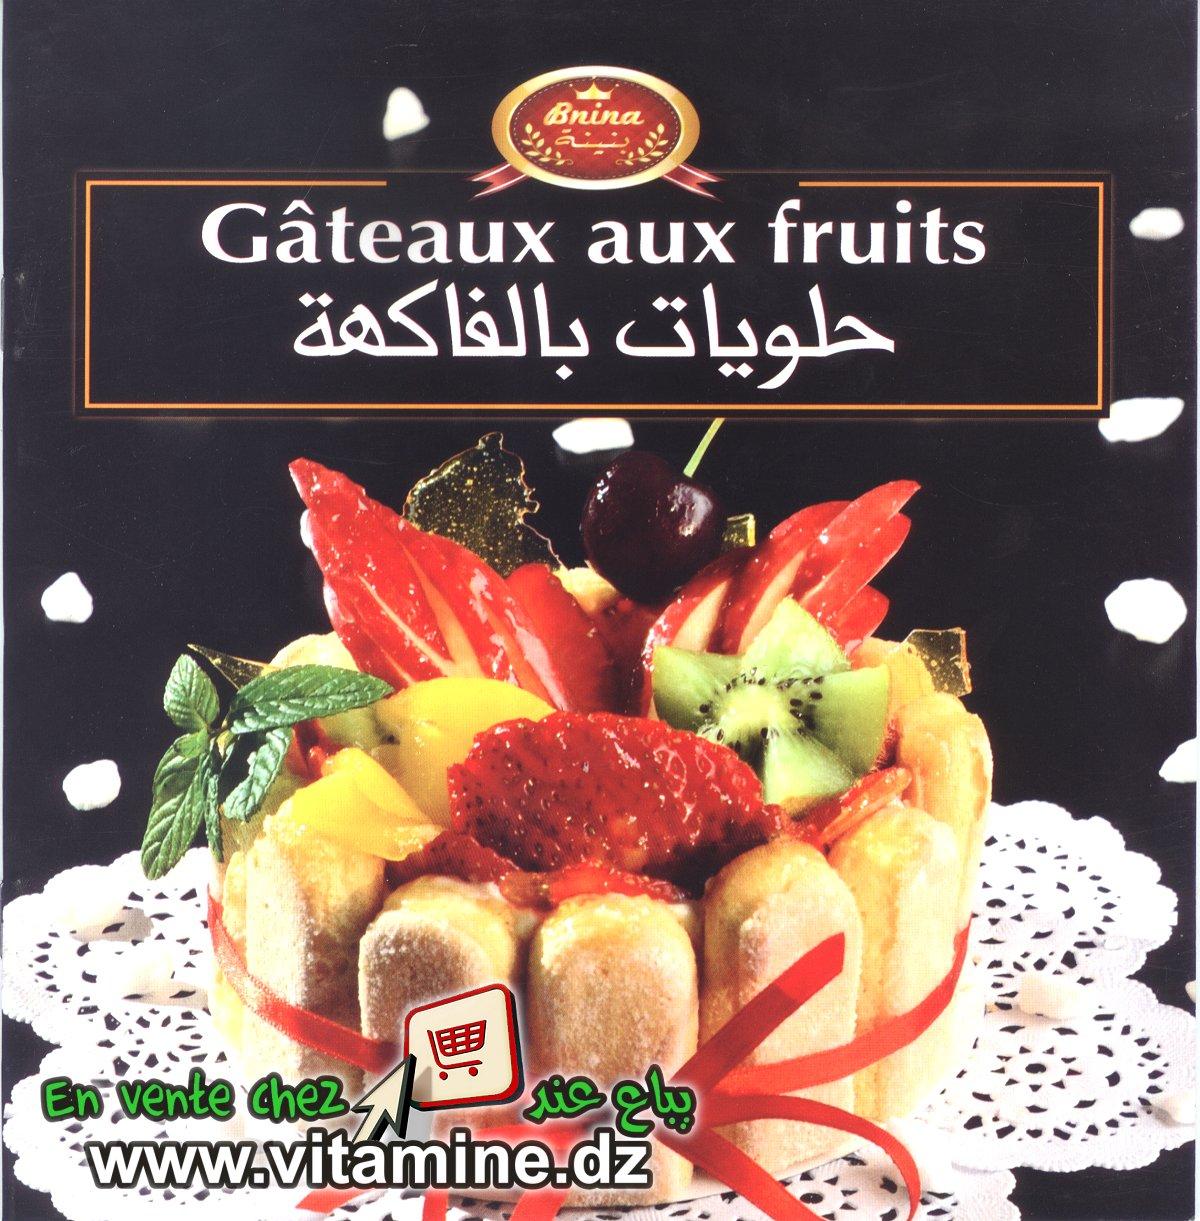 Bnina - Gâteaux aux fruits